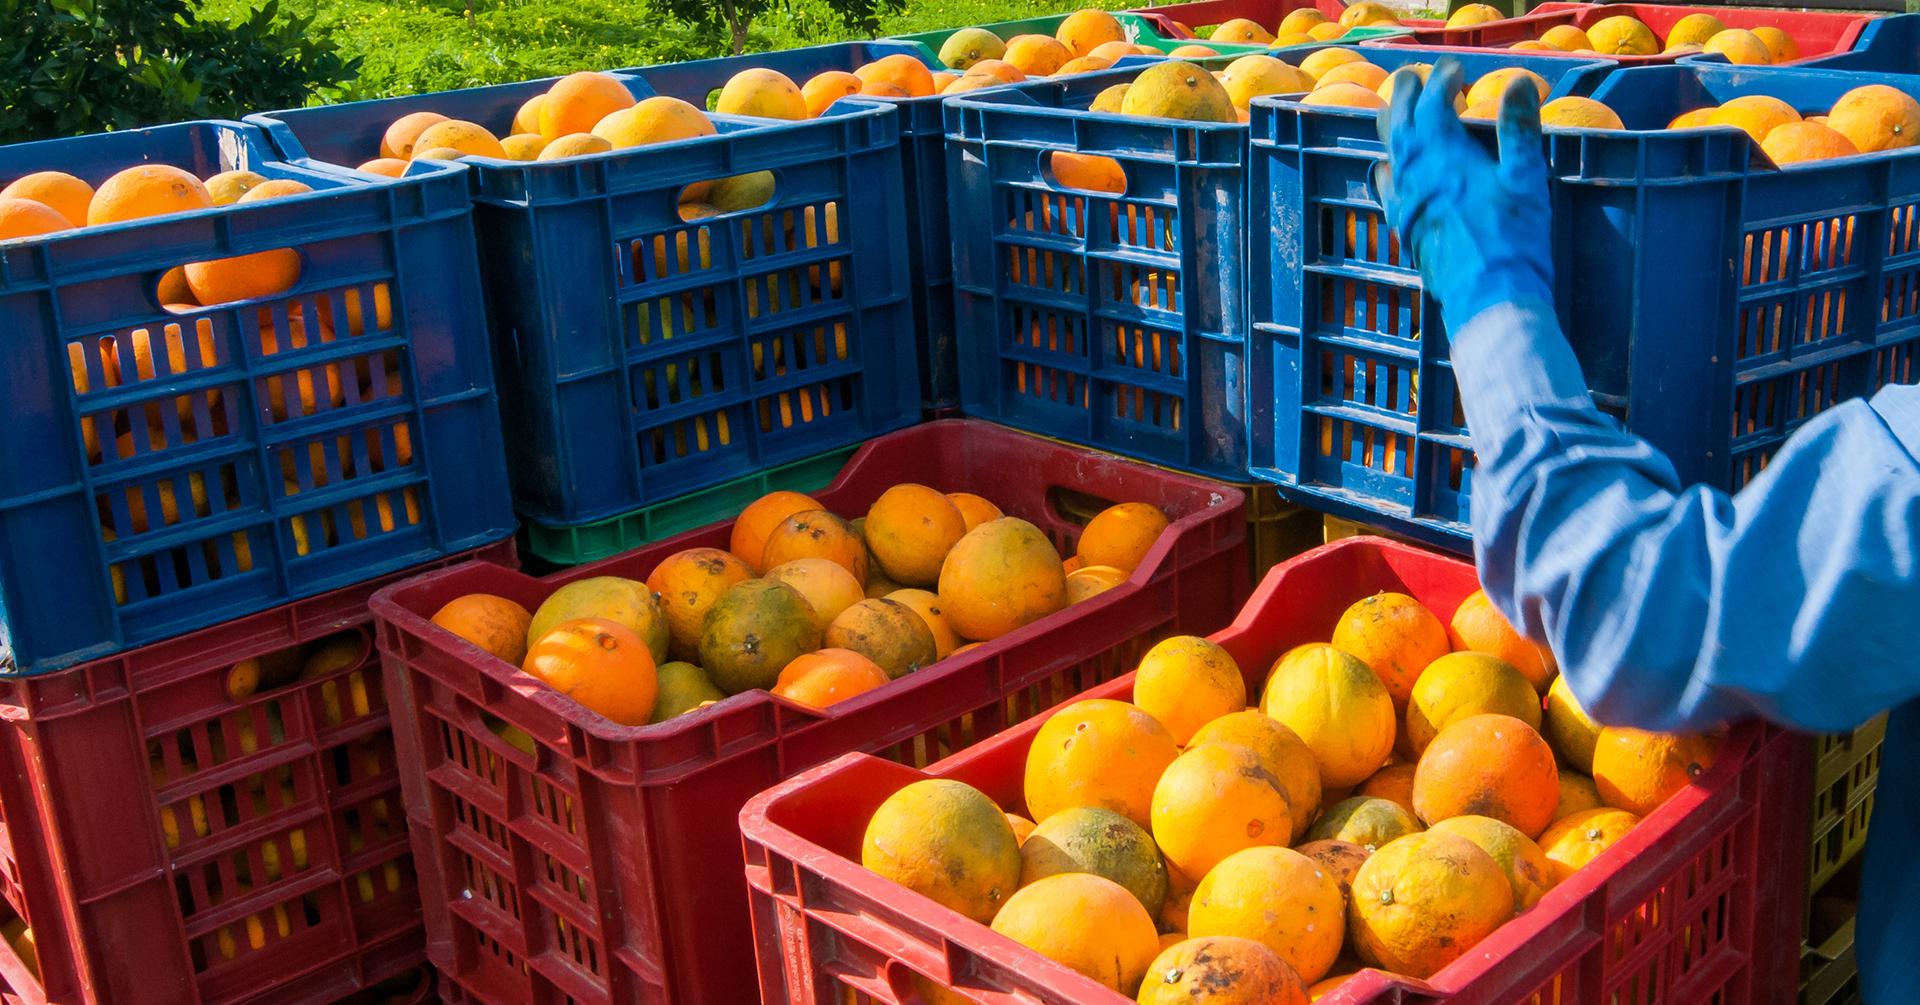 Frisch geerntete Zitrusfrüchte in Kisten.